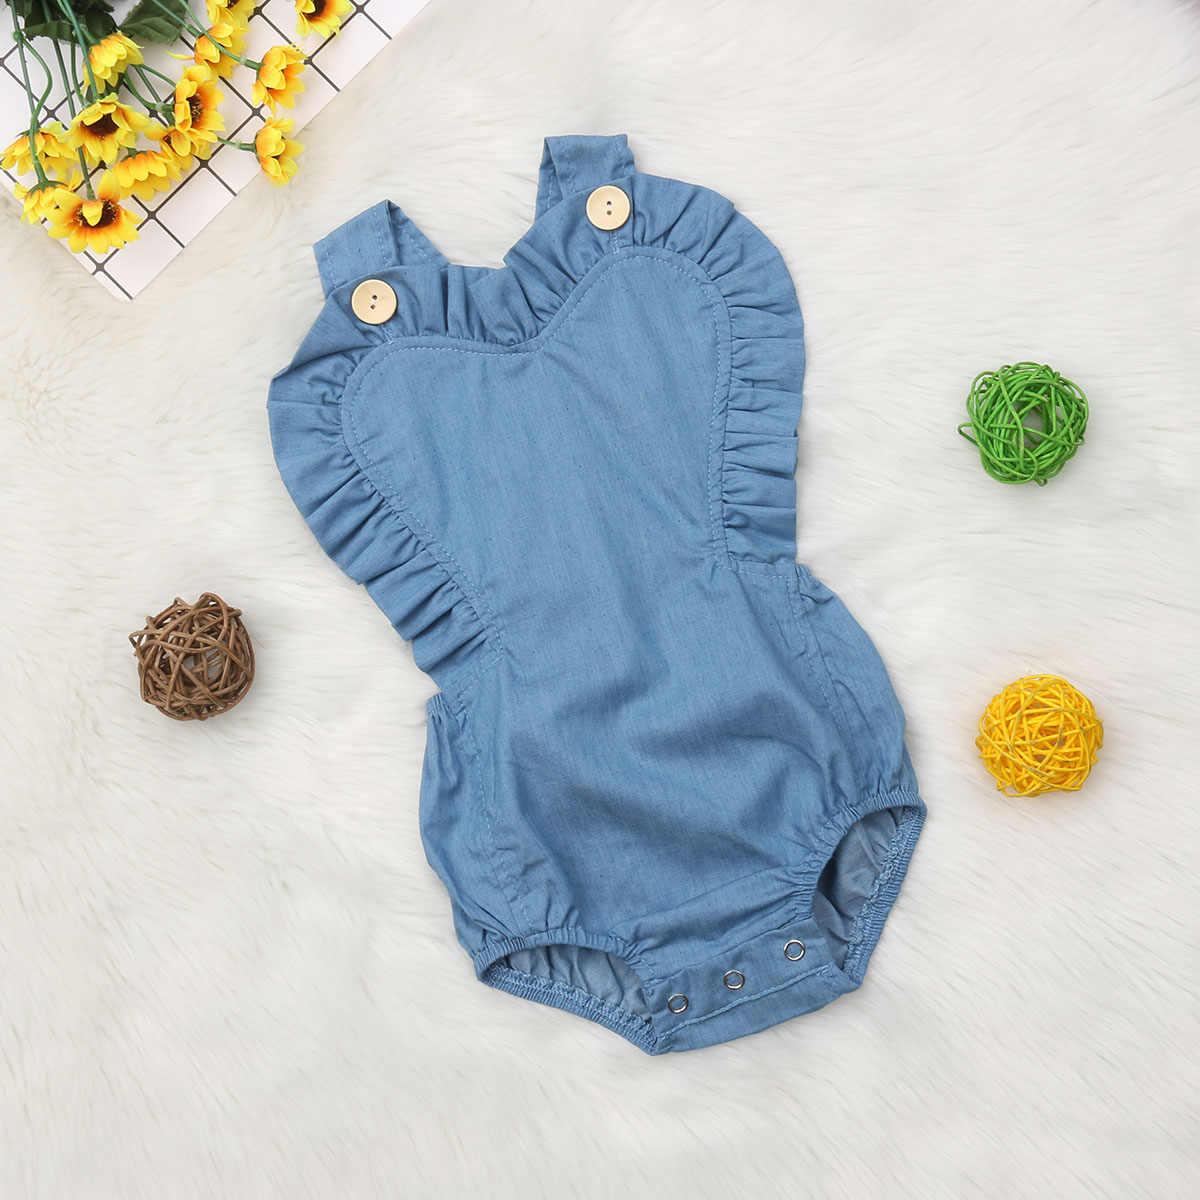 32e891e800 ... 2019 Brand New Infant Kids Baby Girls Denim Bodysuits Heart Shape  Ruffles Backless Sunsuit Solid Blue